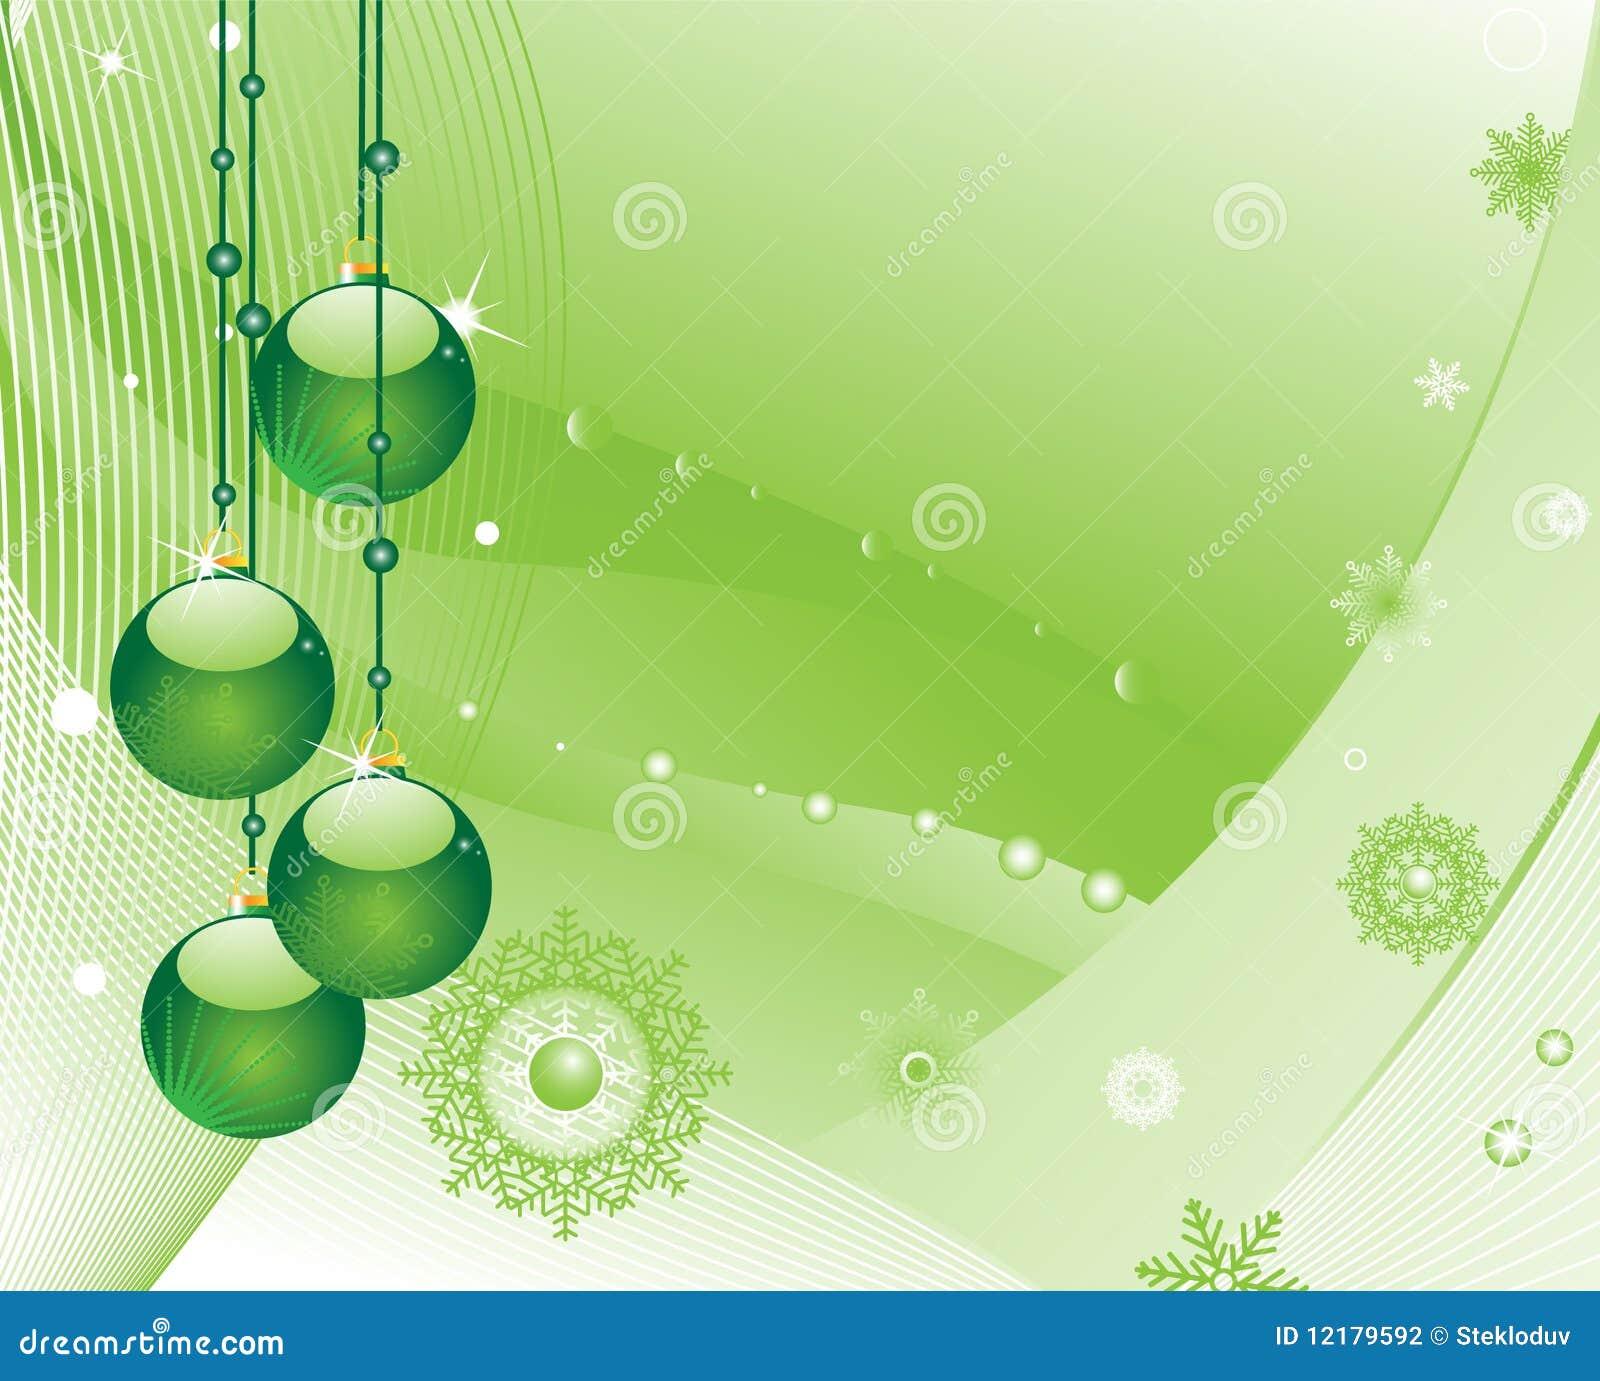 De decoratie van de kerstboom op een groene achtergrond vector illustratie afbeelding 12179592 - Decoratie van een terras ...